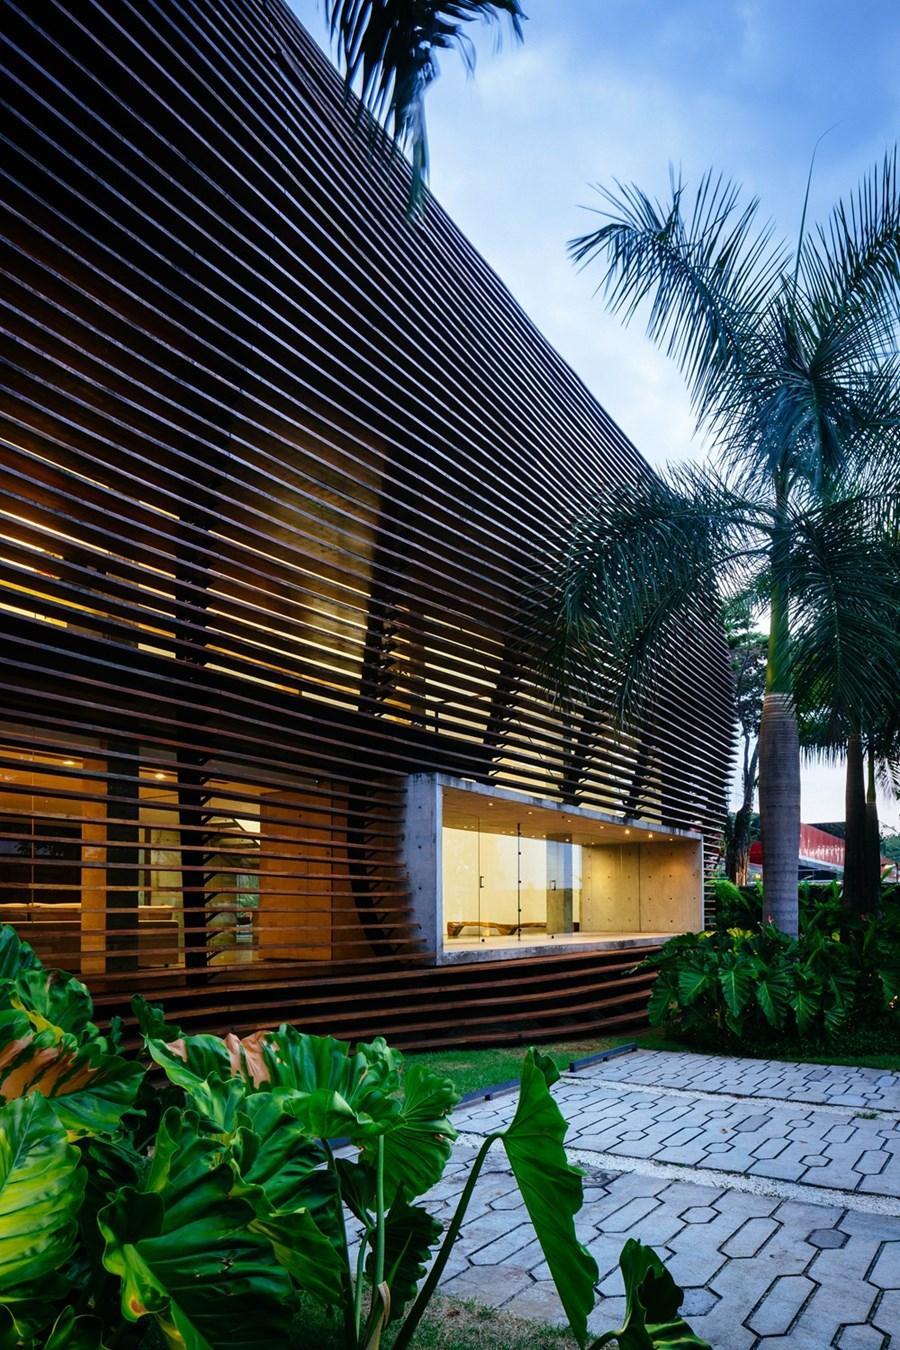 نما و معماری خاص ساختمان تجاری در بزریل